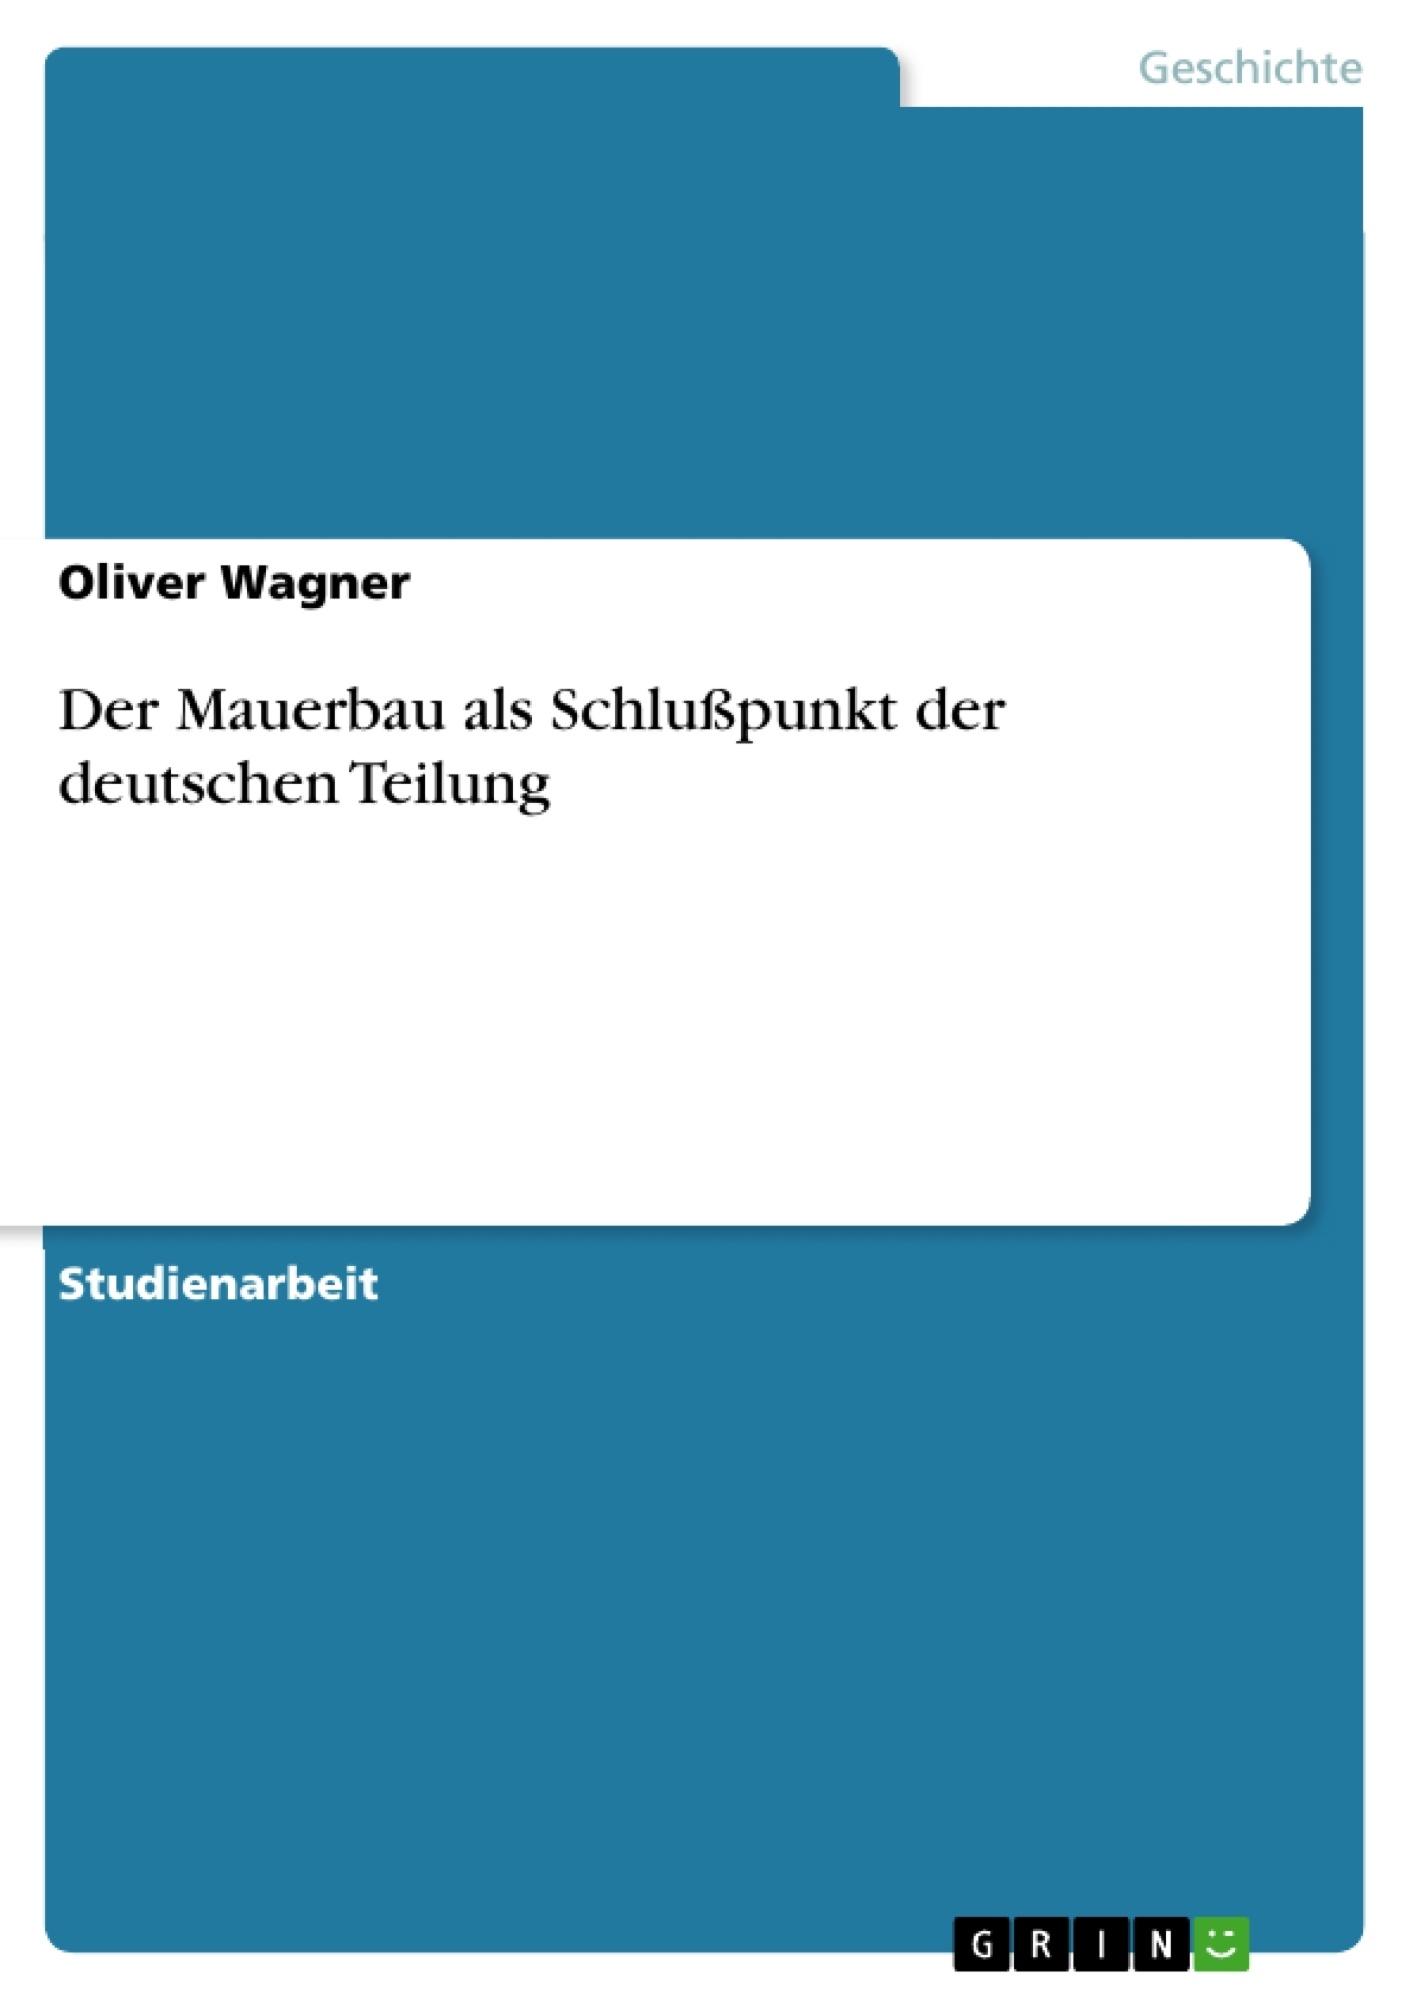 Titel: Der Mauerbau als Schlußpunkt der deutschen Teilung